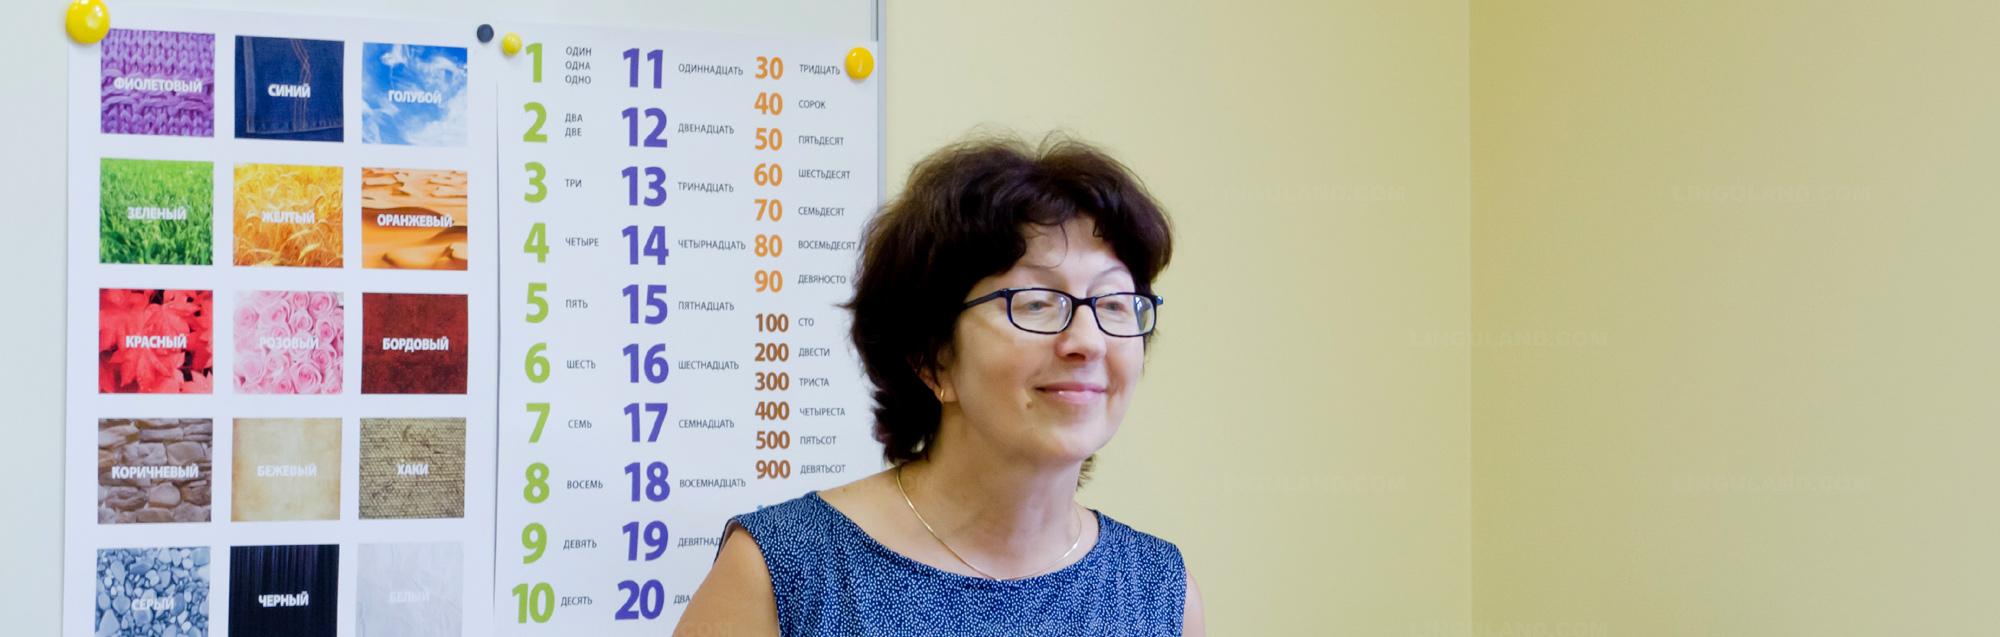 Bewertungen und Berichte zu Liden & Denz Riga